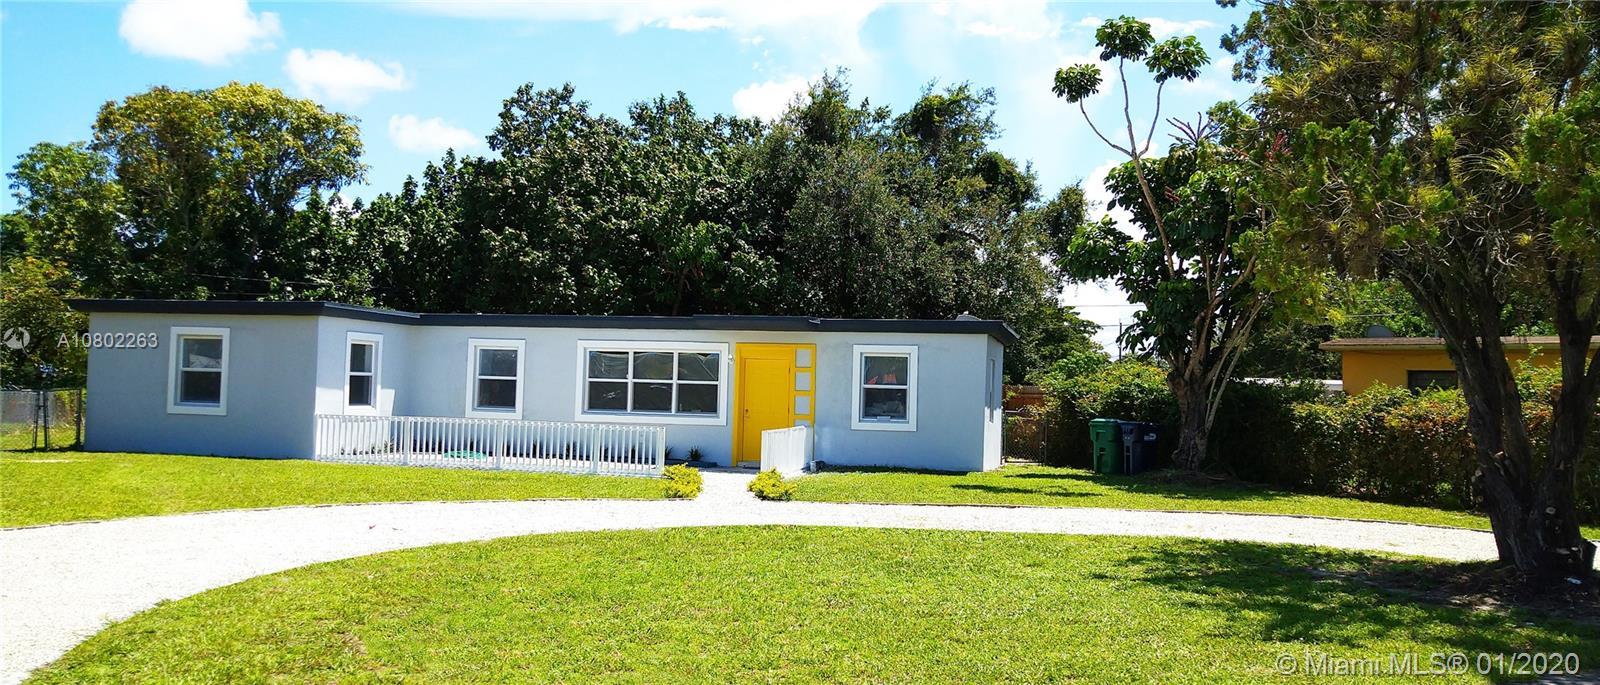 2490 NW 131st St, Miami Shores, Florida